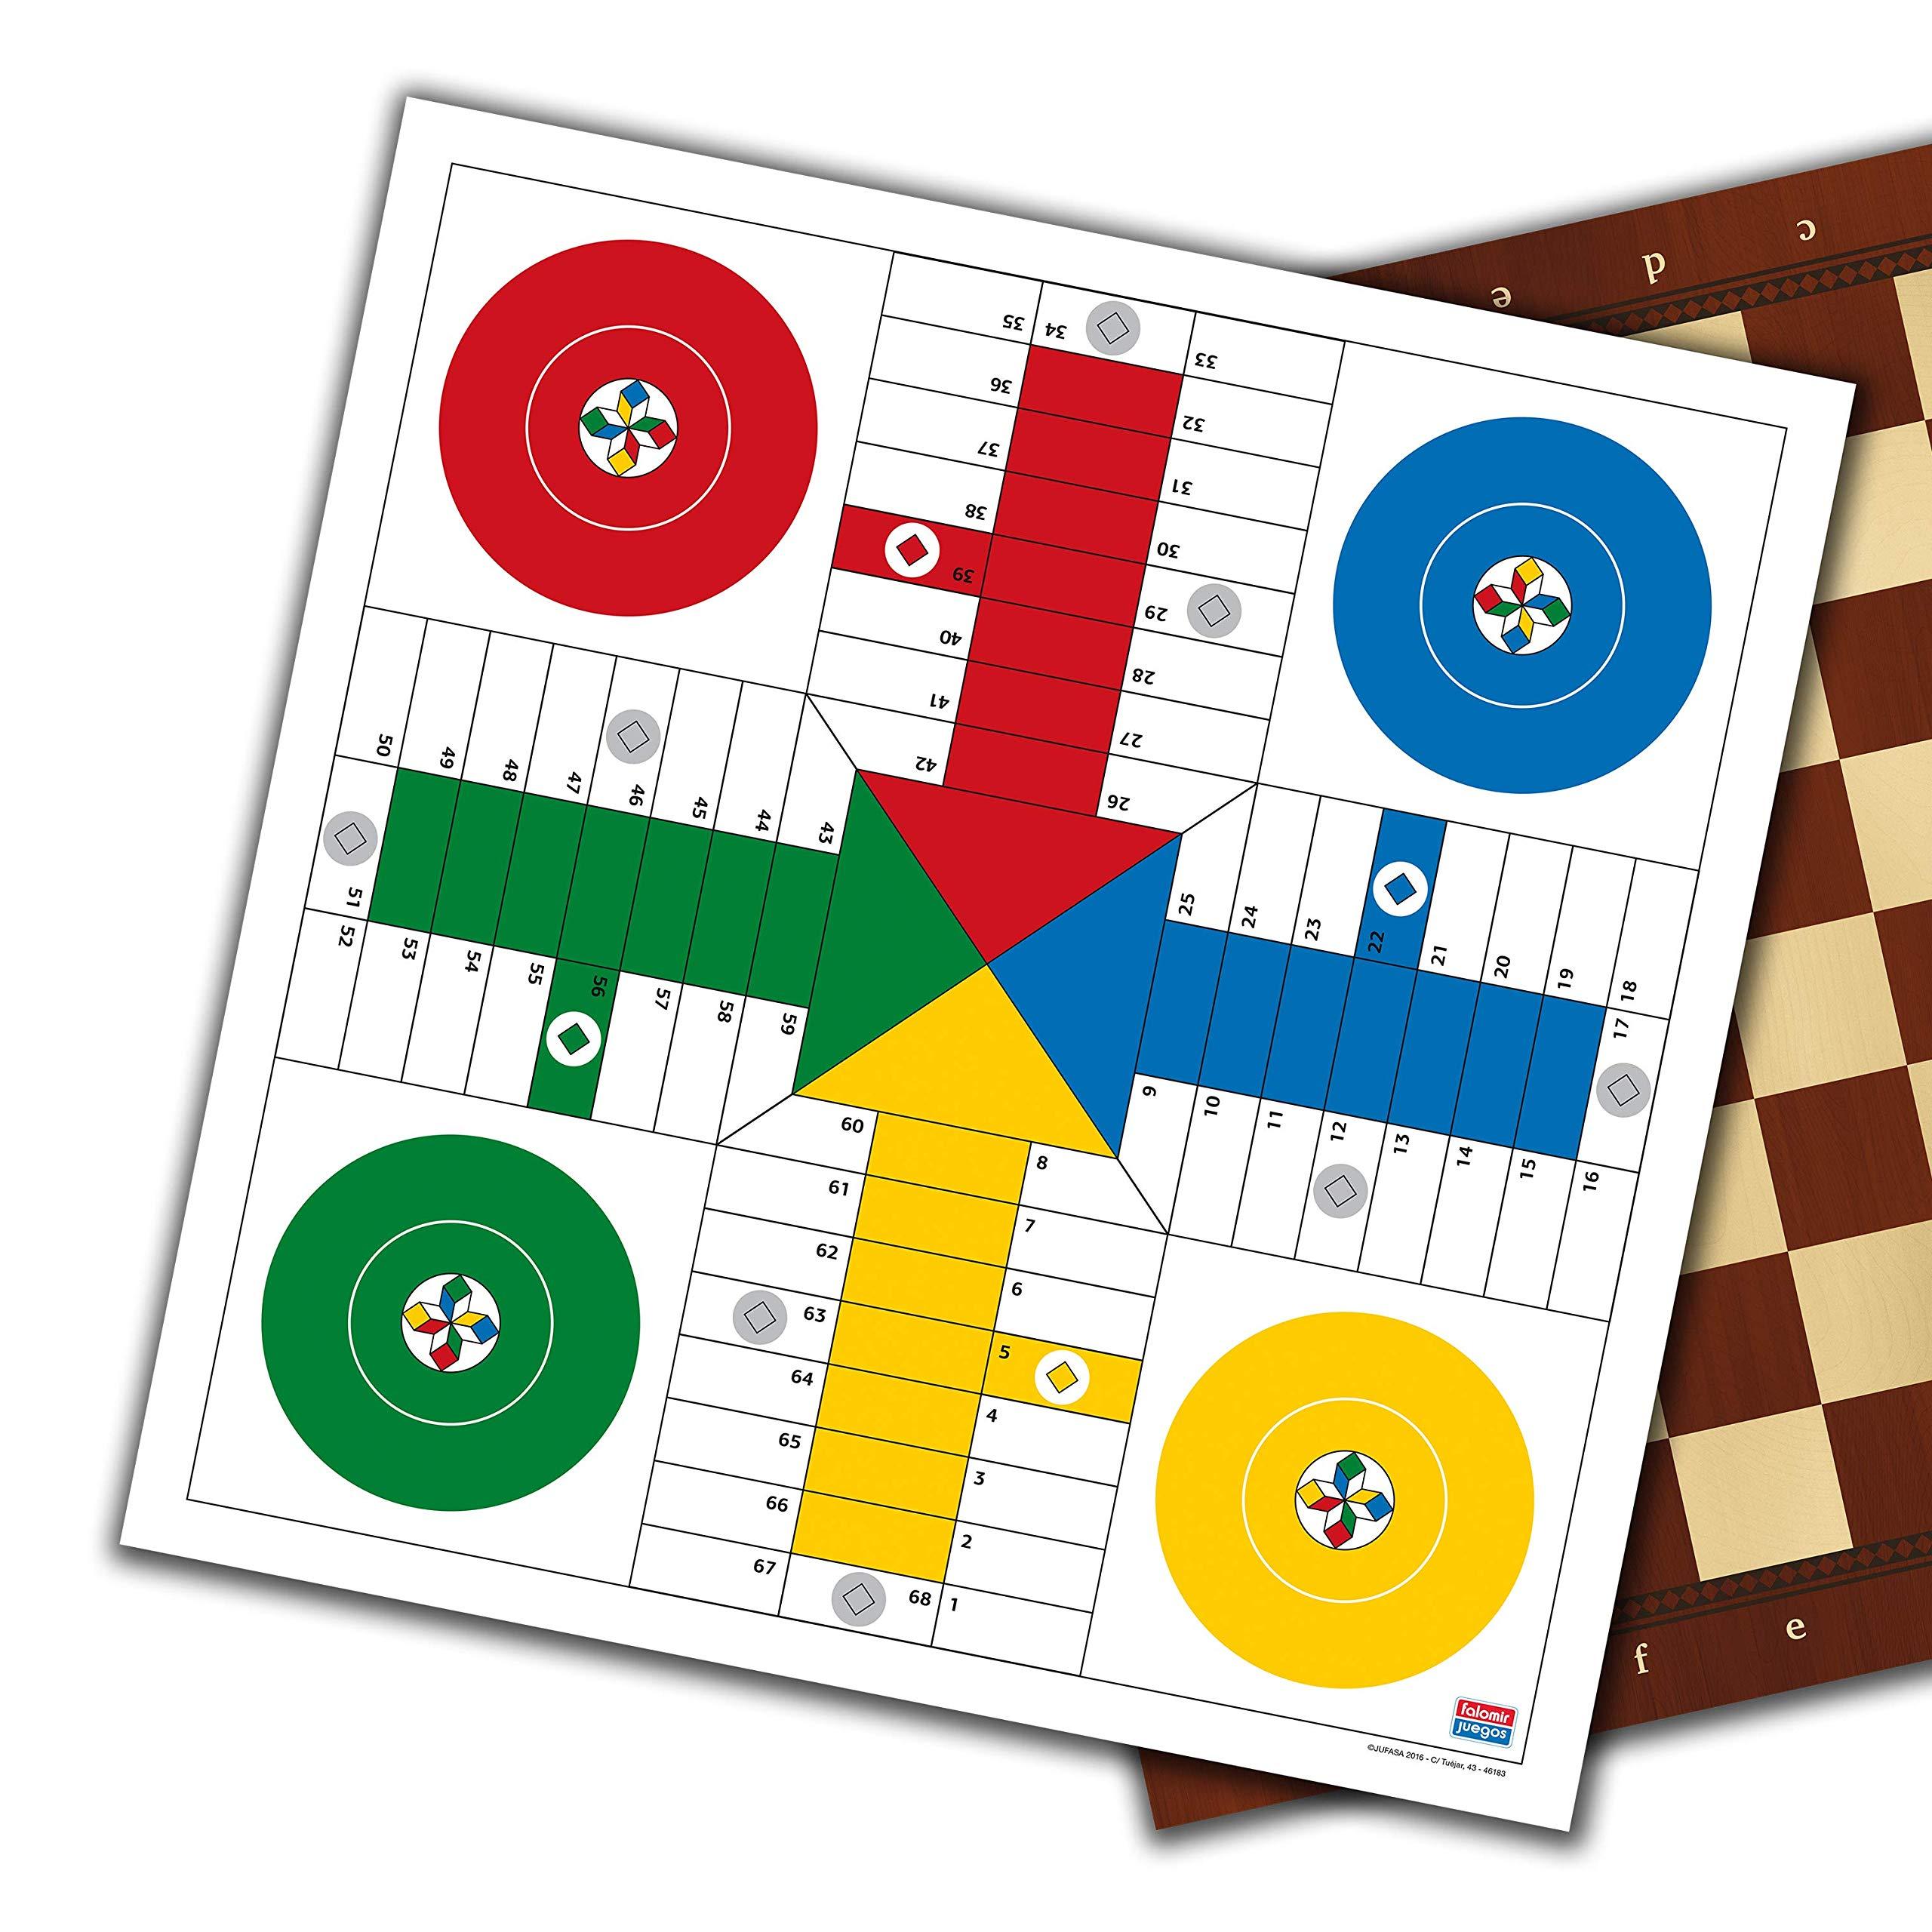 Falomir- Tablero Parchís-Dama 33 cm Mesa. Juego Clásico. (27907): Amazon.es: Juguetes y juegos